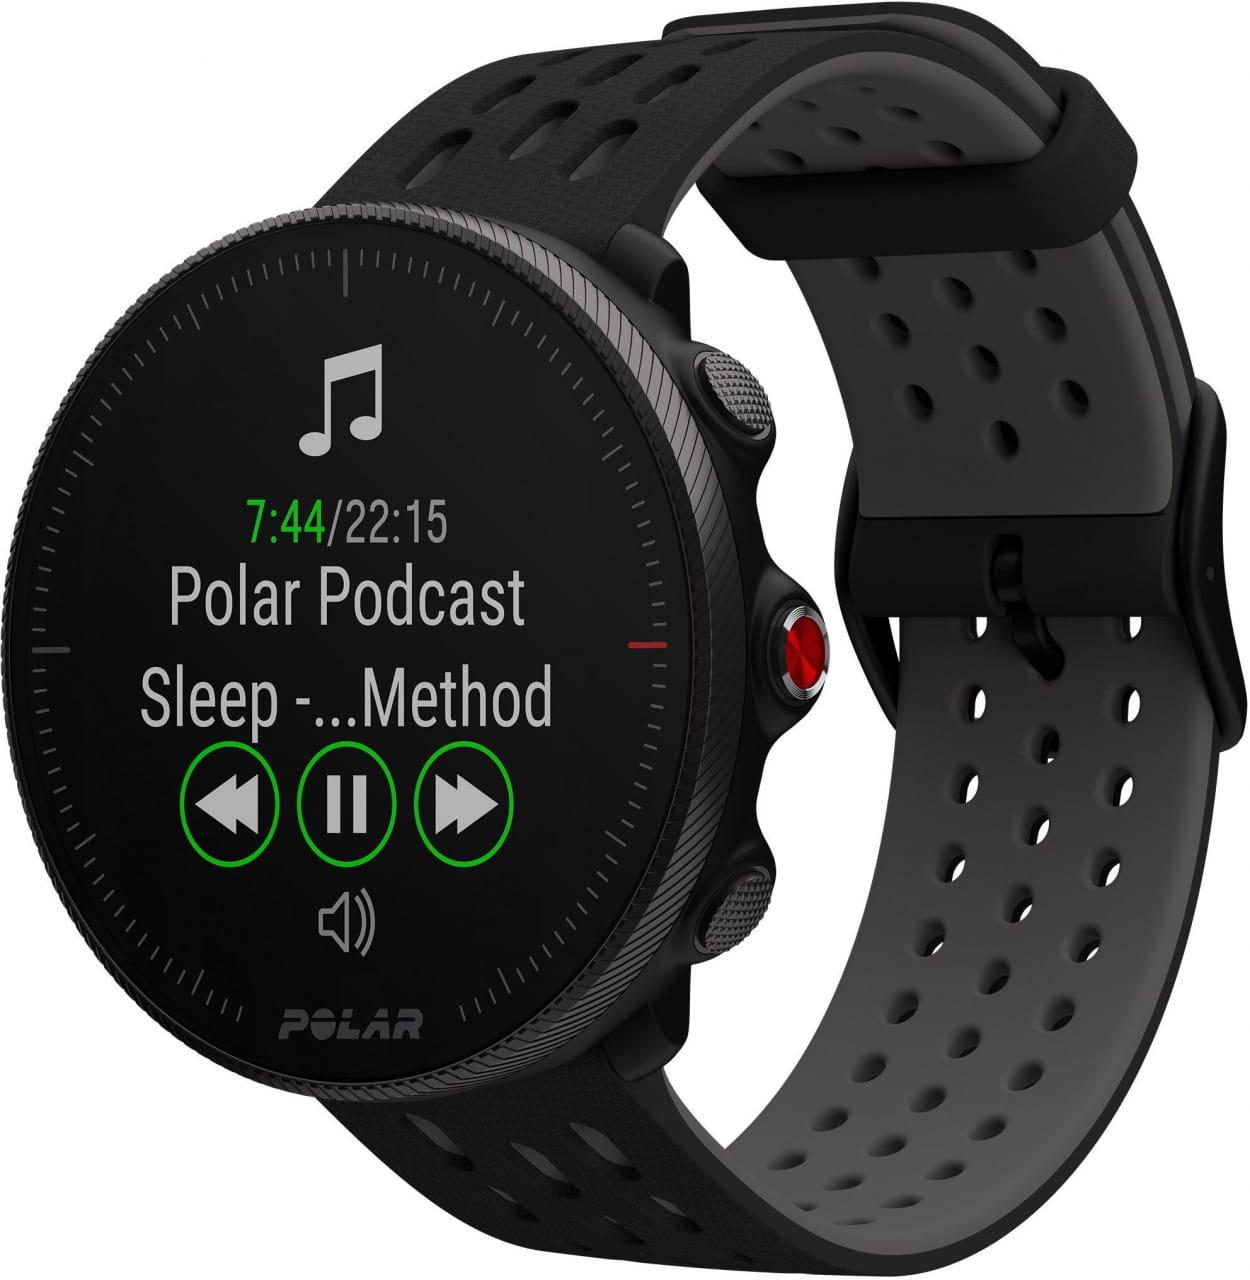 Běžecké a sportovní hodinky s GPS Polar Vantage M2 černý/šedý, vel. S-L